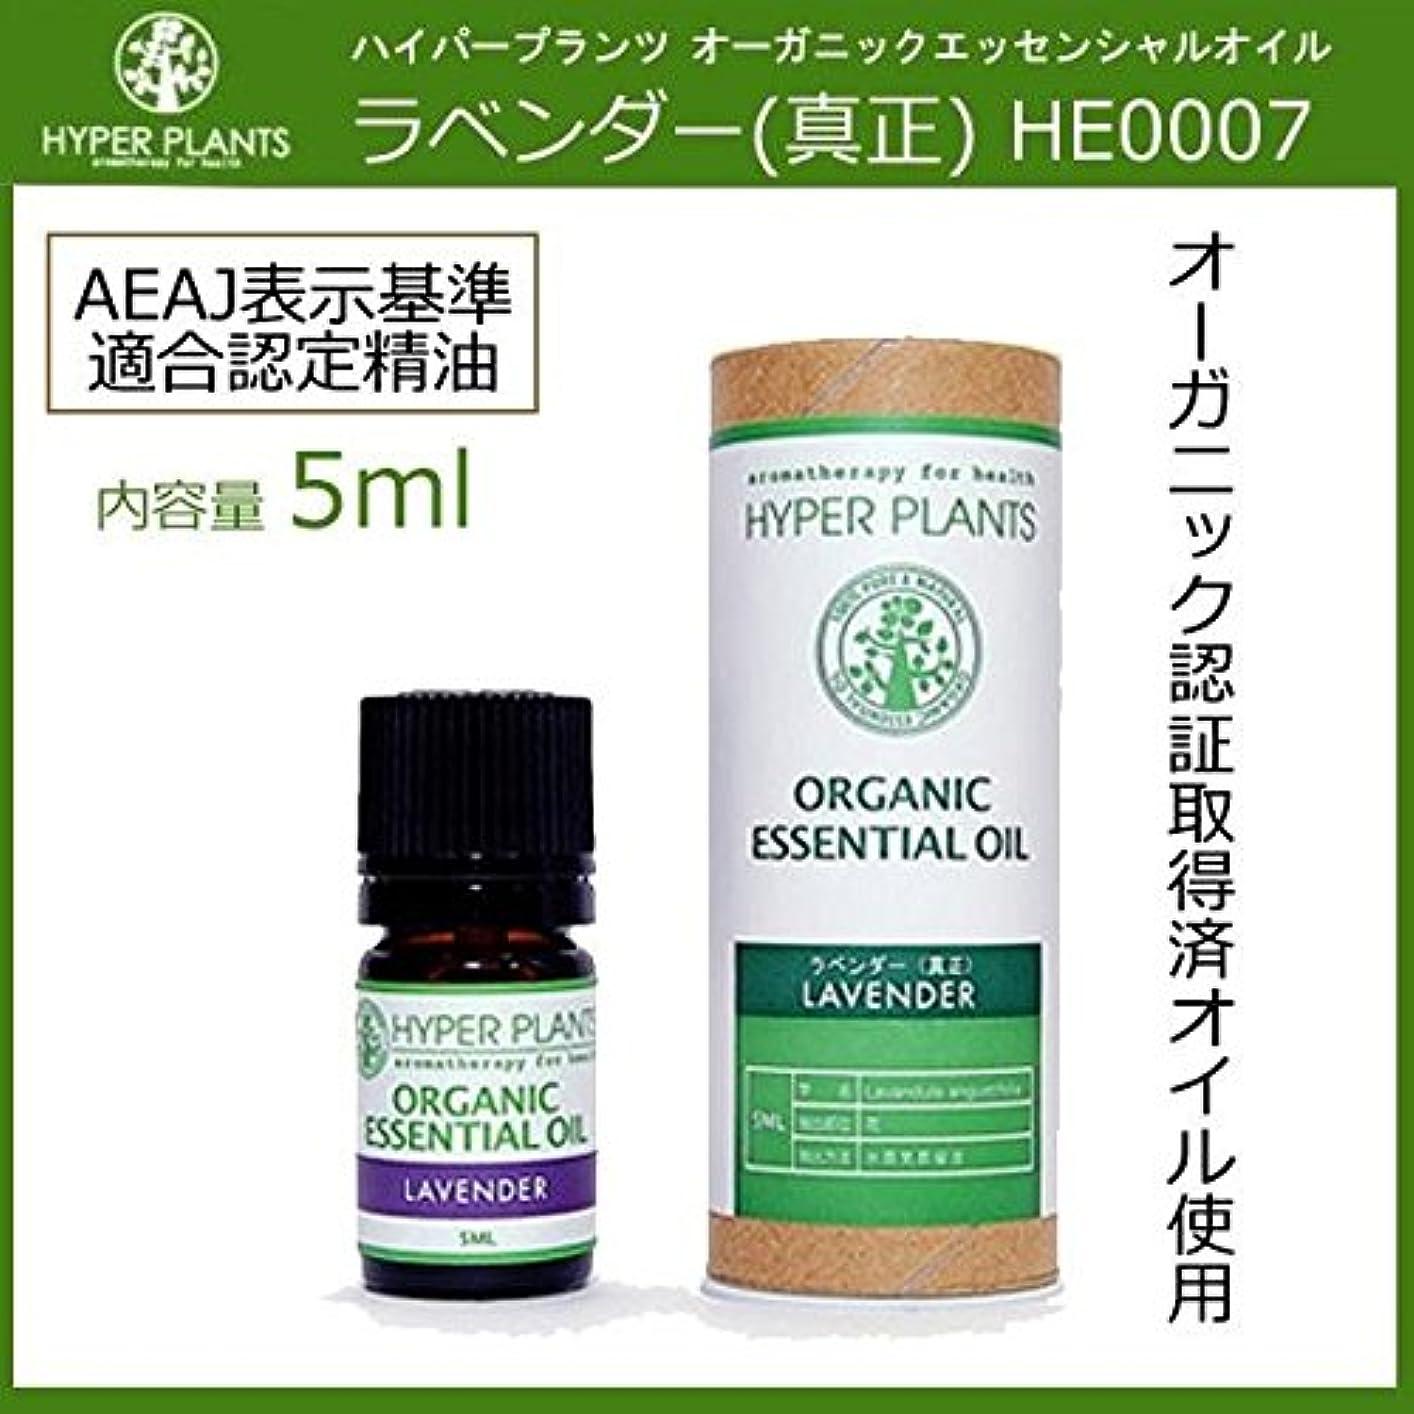 バトル表向き提唱するHYPER PLANTS ハイパープランツ オーガニックエッセンシャルオイル ラベンダー(真正) 5ml HE0007